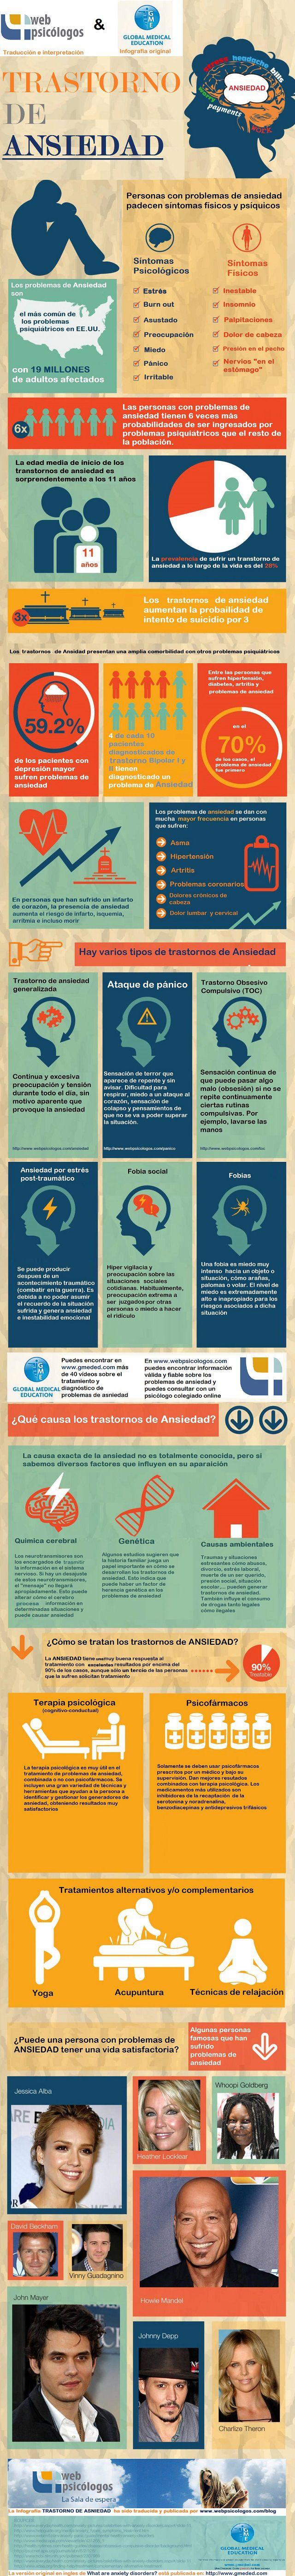 Trastorno de #ansiedad